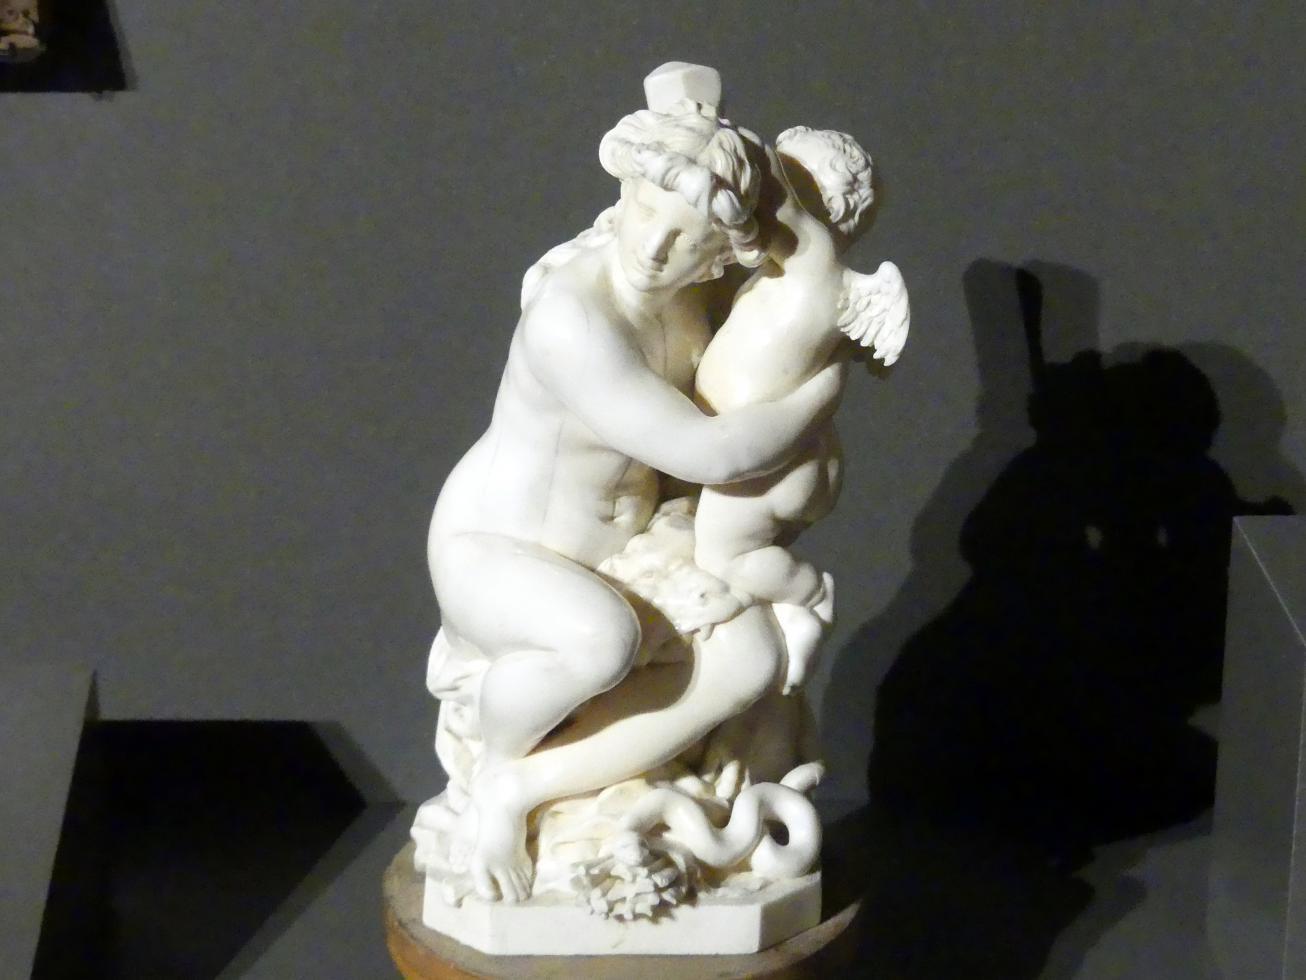 Artus Quellinus der Ältere (Umkreis): Omphale und Amor mit den Waffen des Herkules, um 1640 - 1650